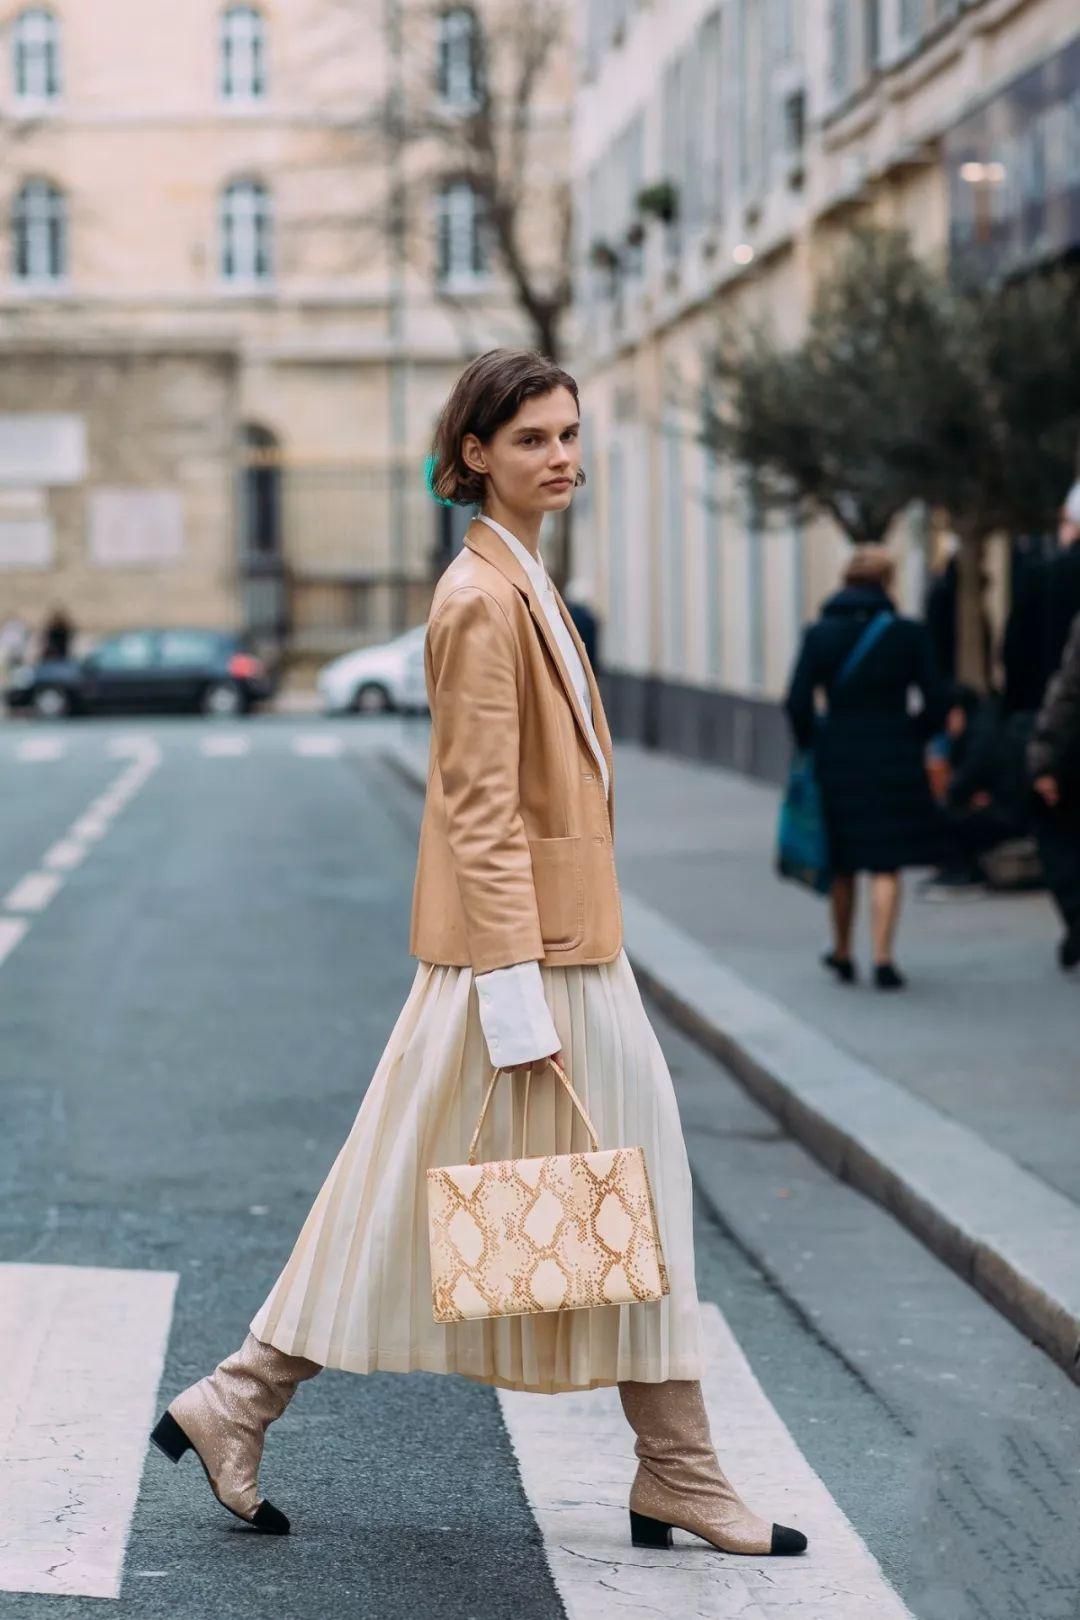 Бежевая юбка с сапогами